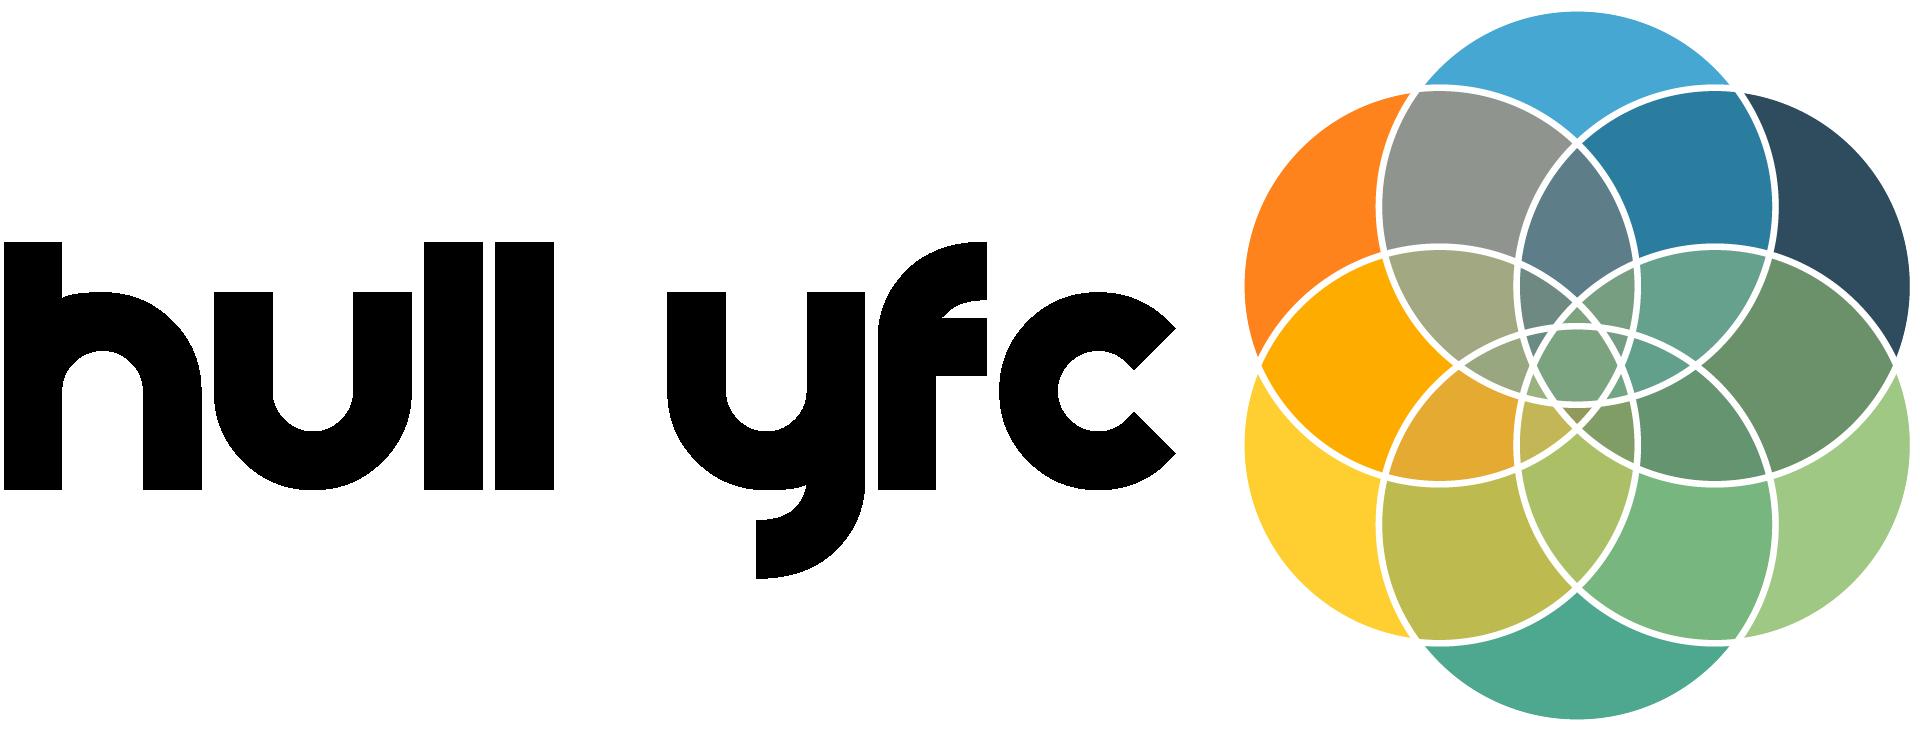 hull-yfc-logo-left-large-black